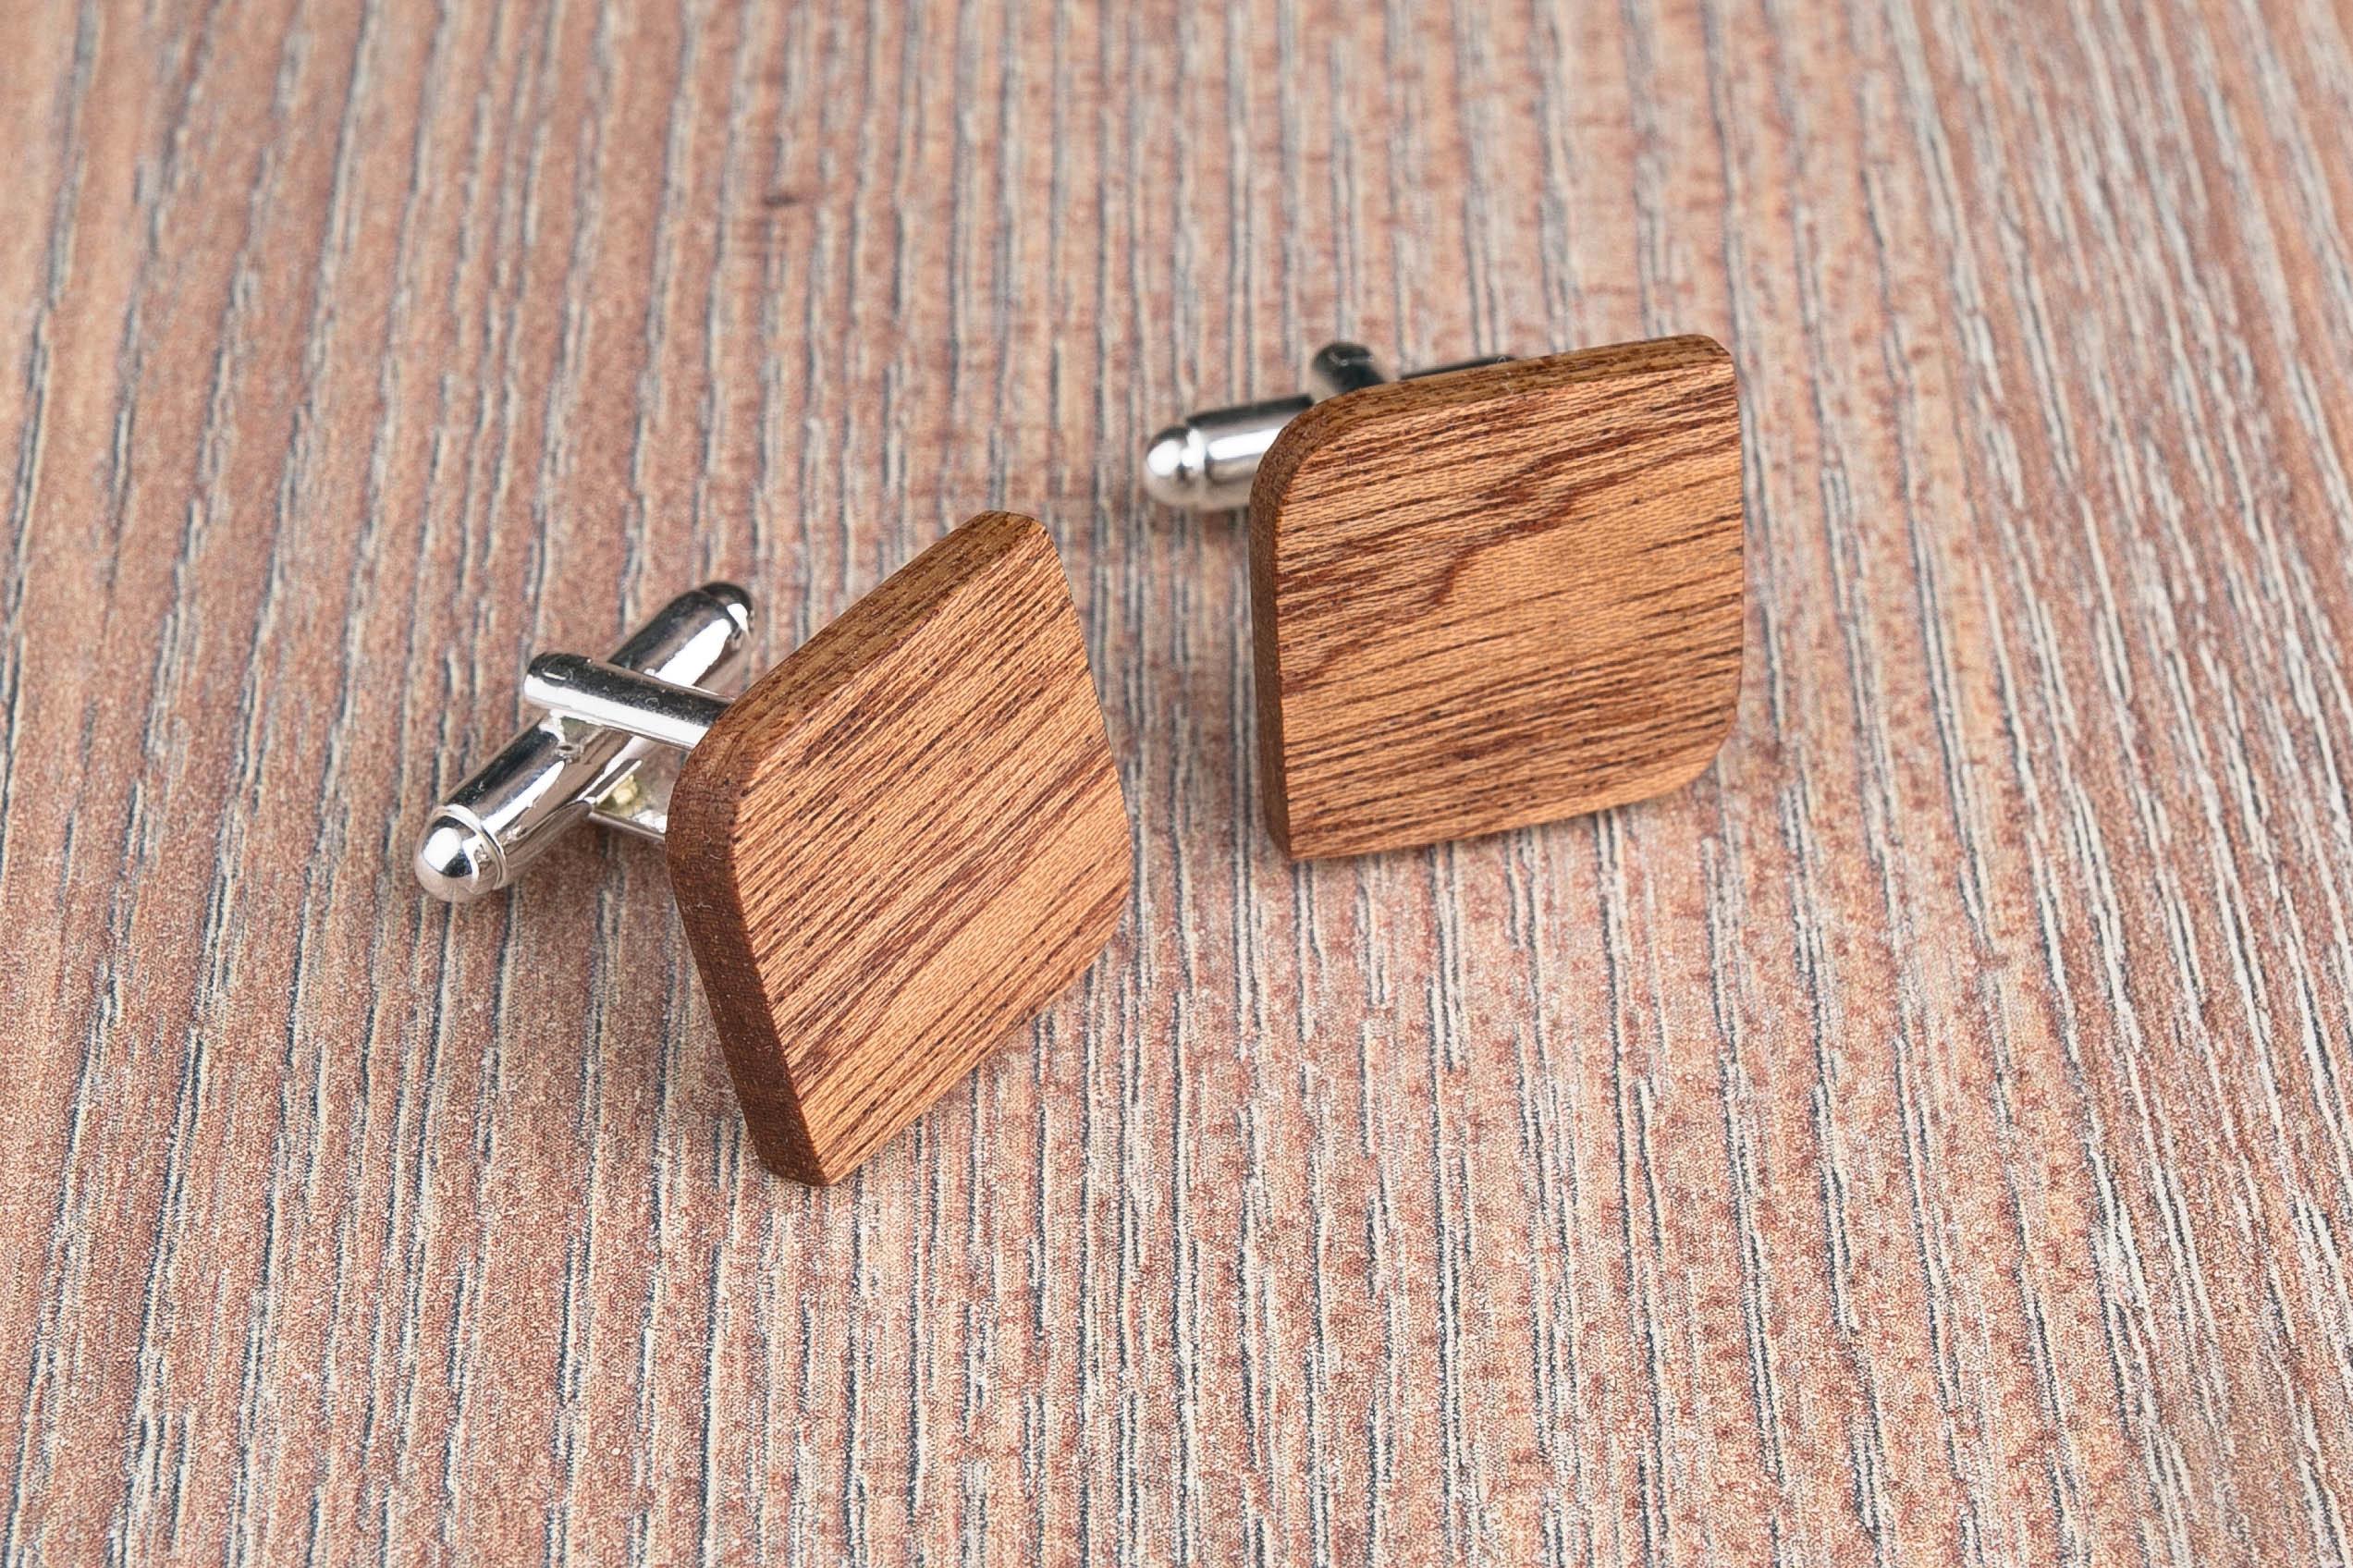 Комплект: Скругленные запонки из дерева и Деревянный зажим для галстука. Массив африканского сапеле. Гравировка инициалов. Упаковка в комплекте